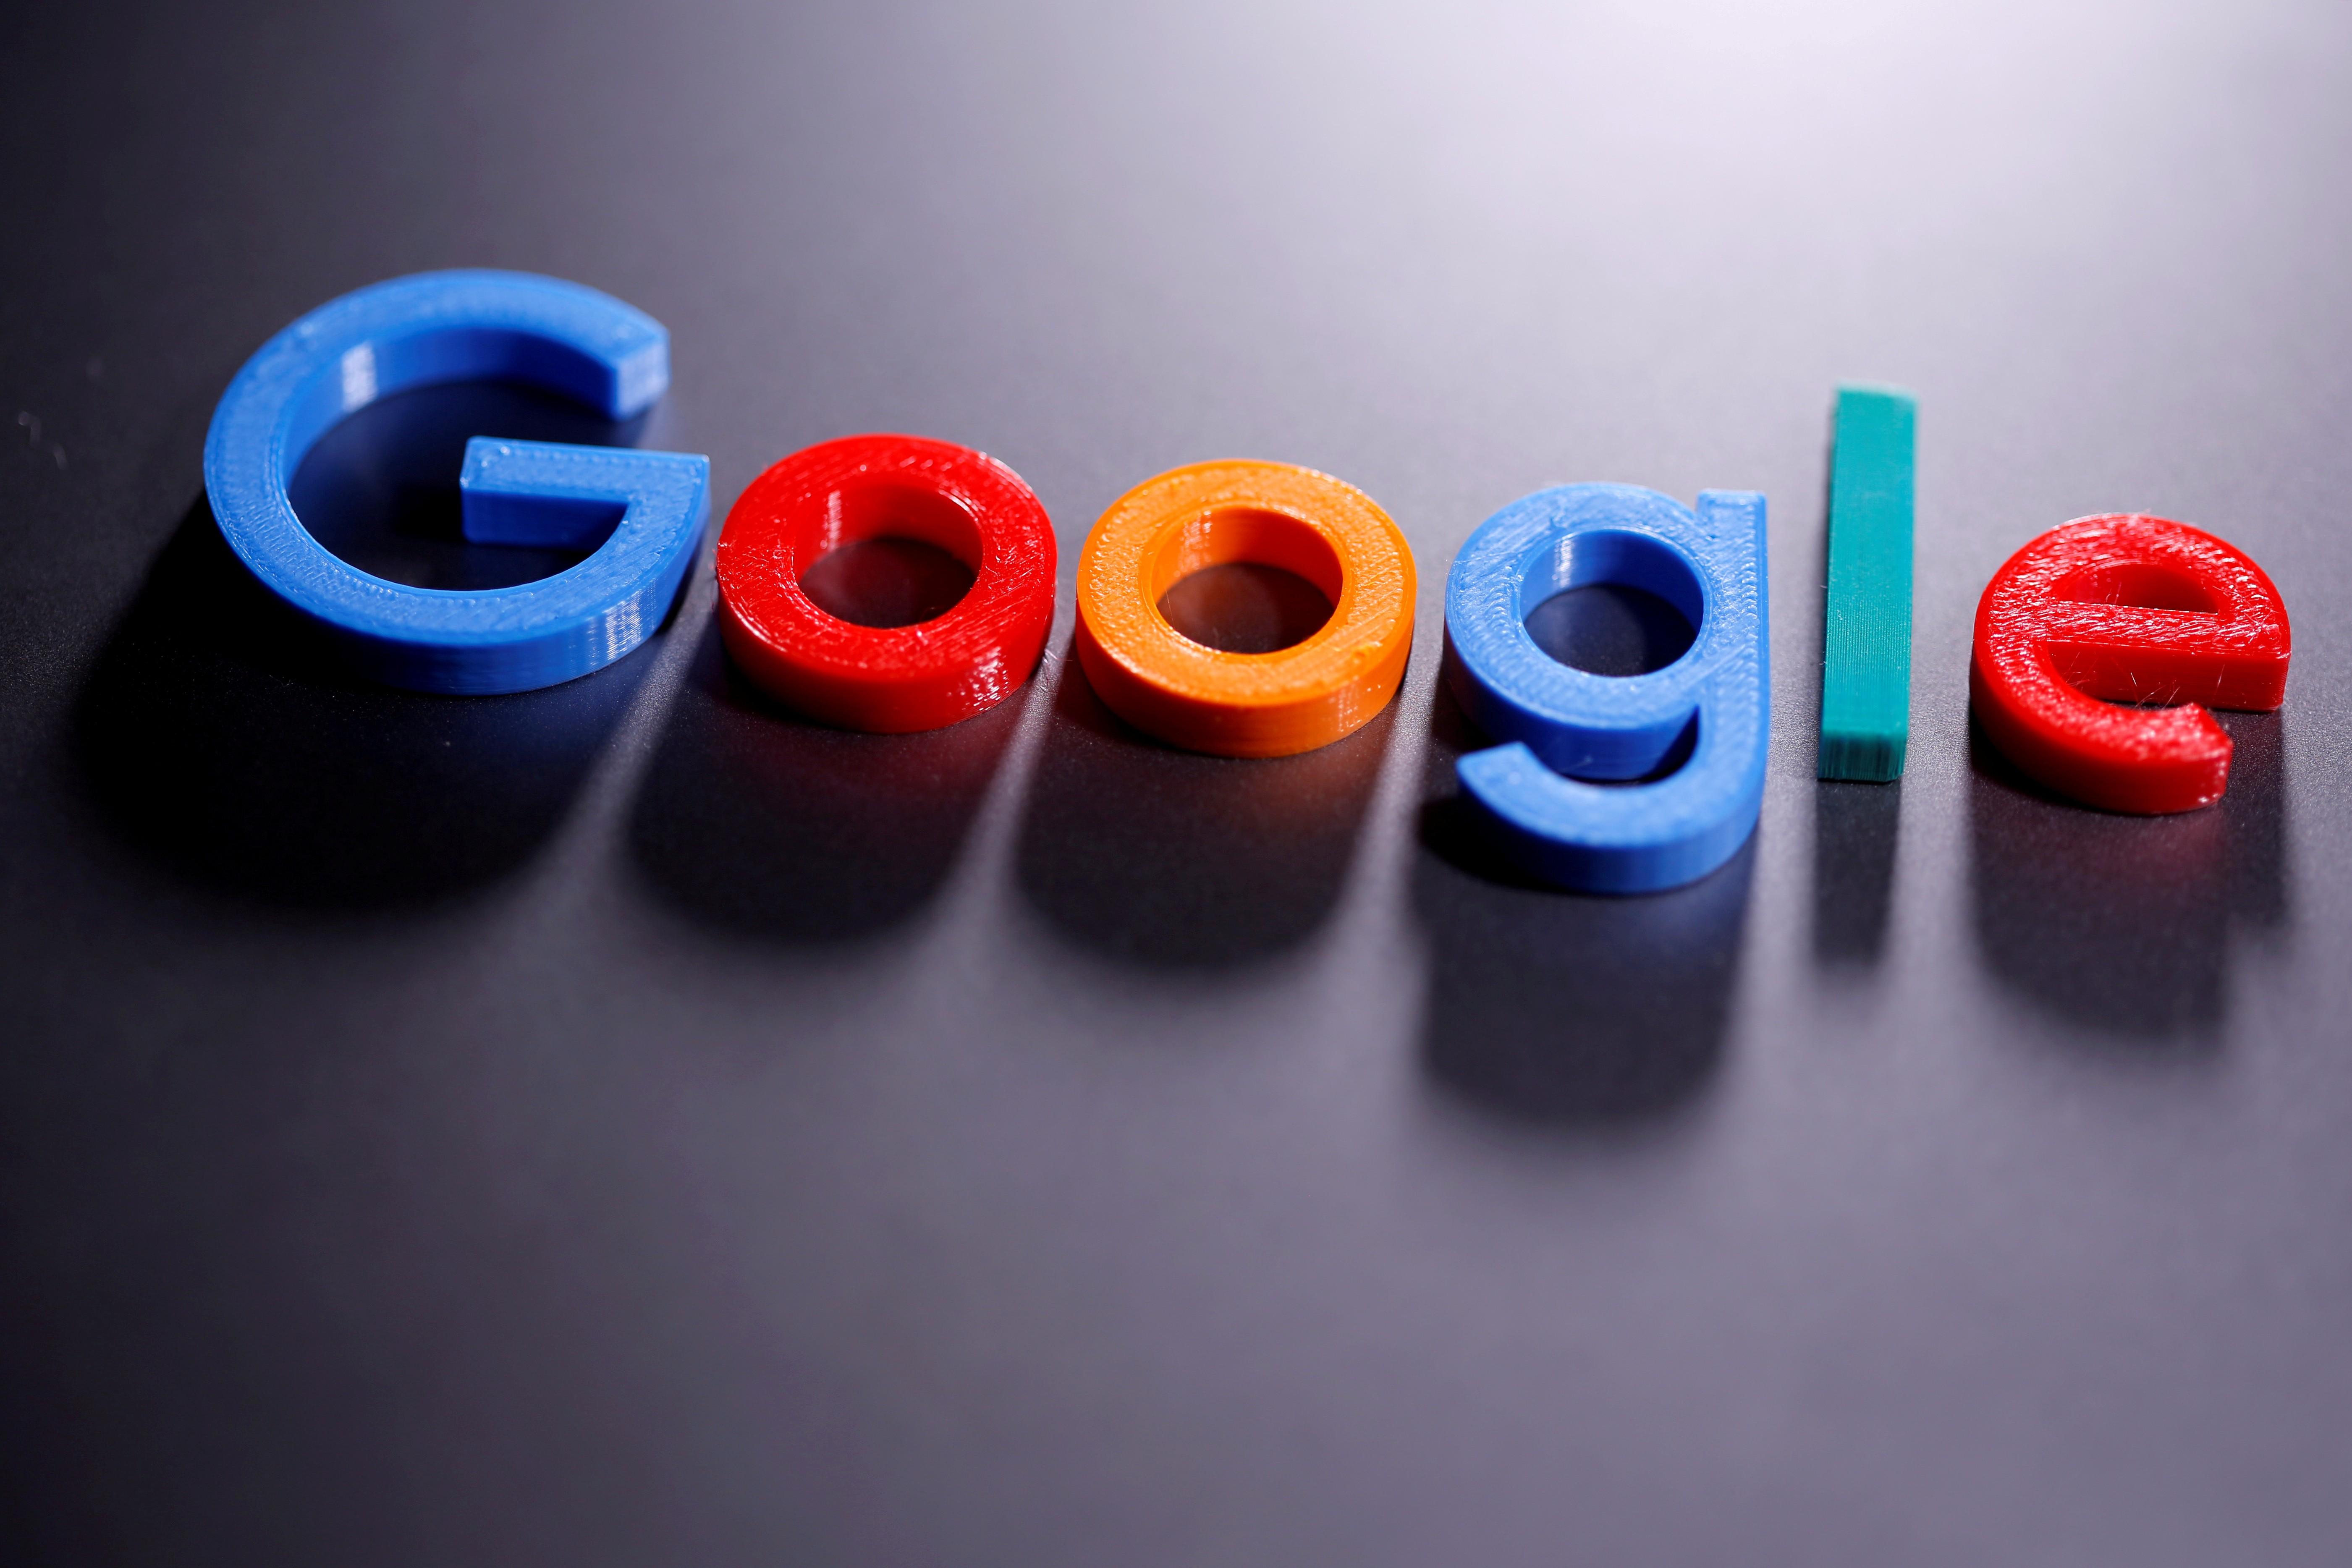 Google investiga pesquisadora de ética em inteligência artificial